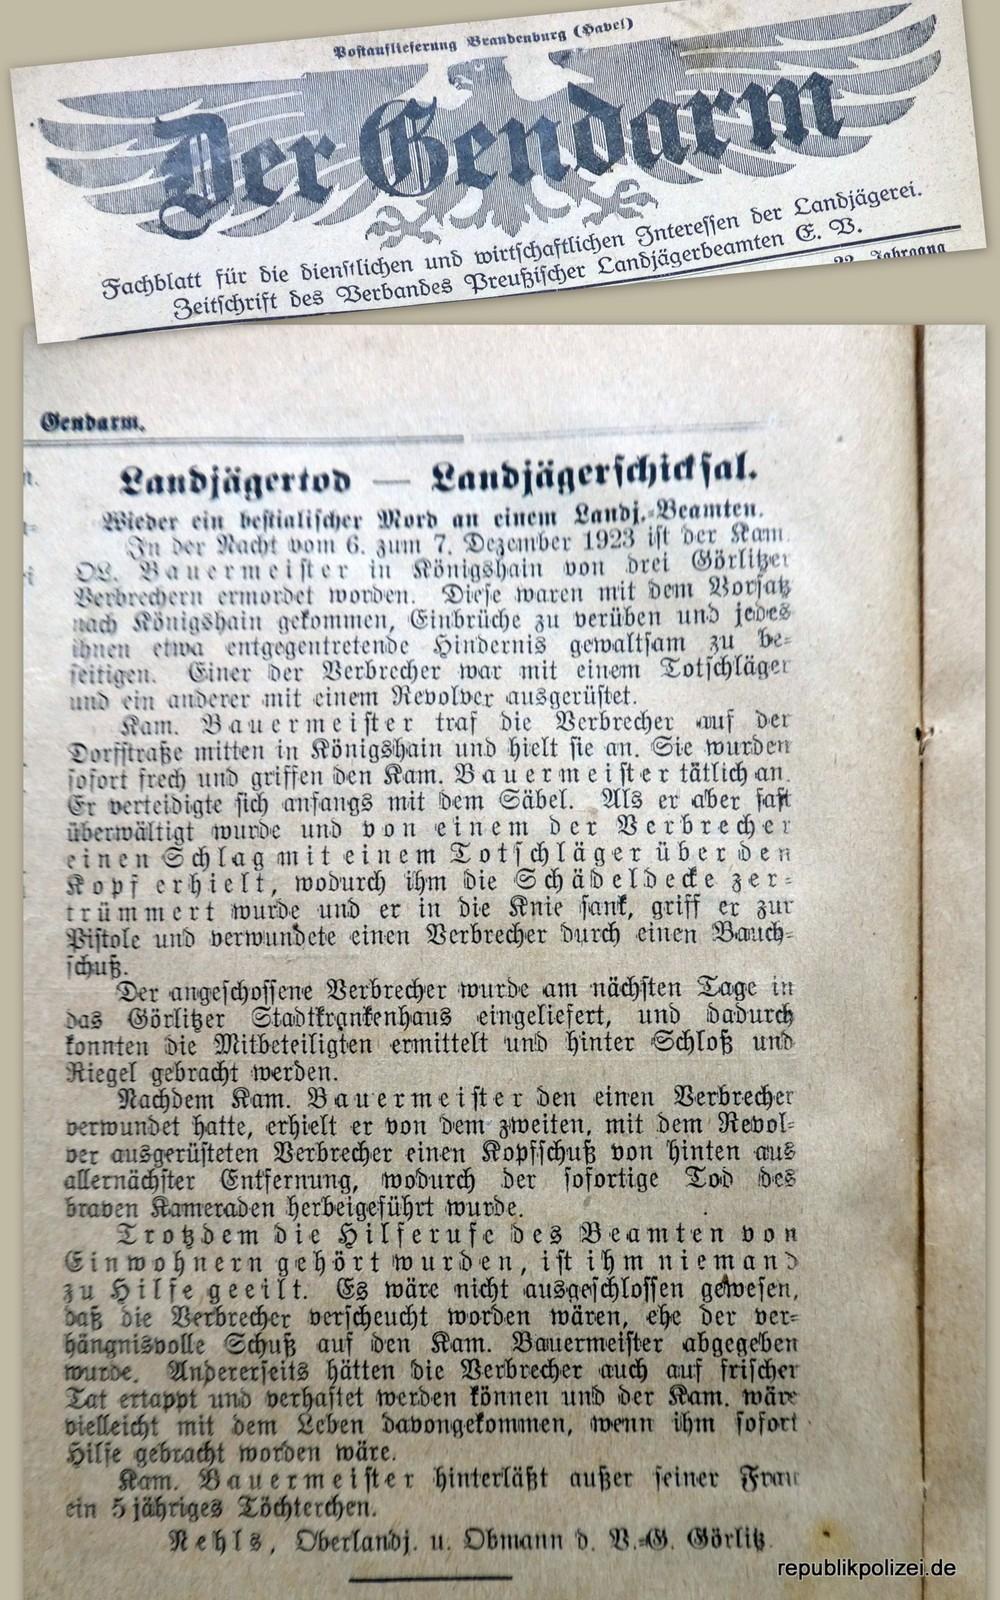 """Landjägertod – Landjägerschicksal (""""Der Gendarm"""" vom 6. Januar 1924)"""